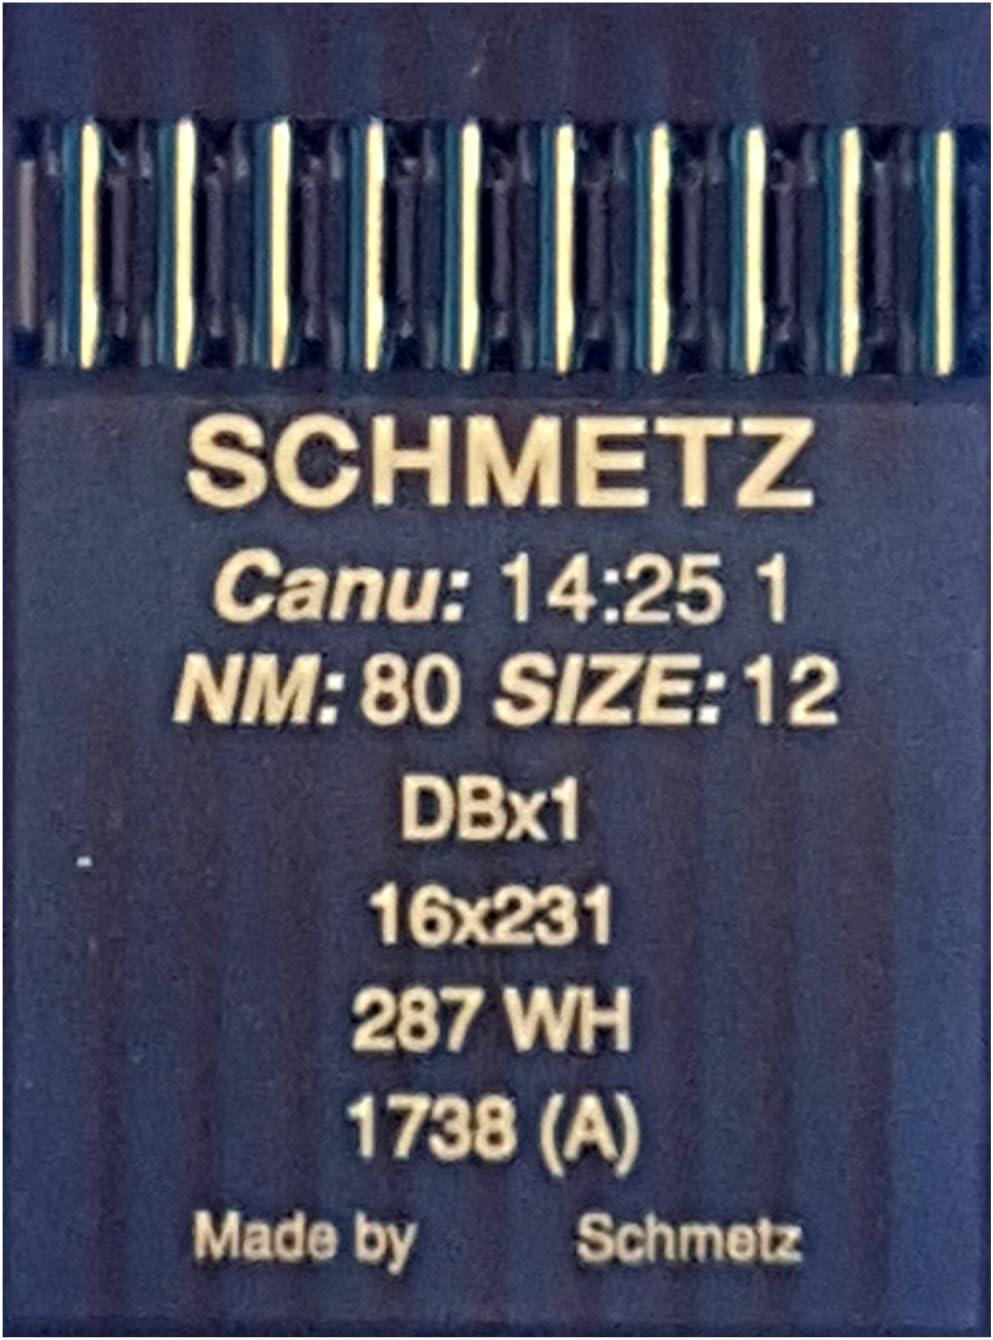 Schmetz-alrededor de pistón aguja 1738//a nm 100 #